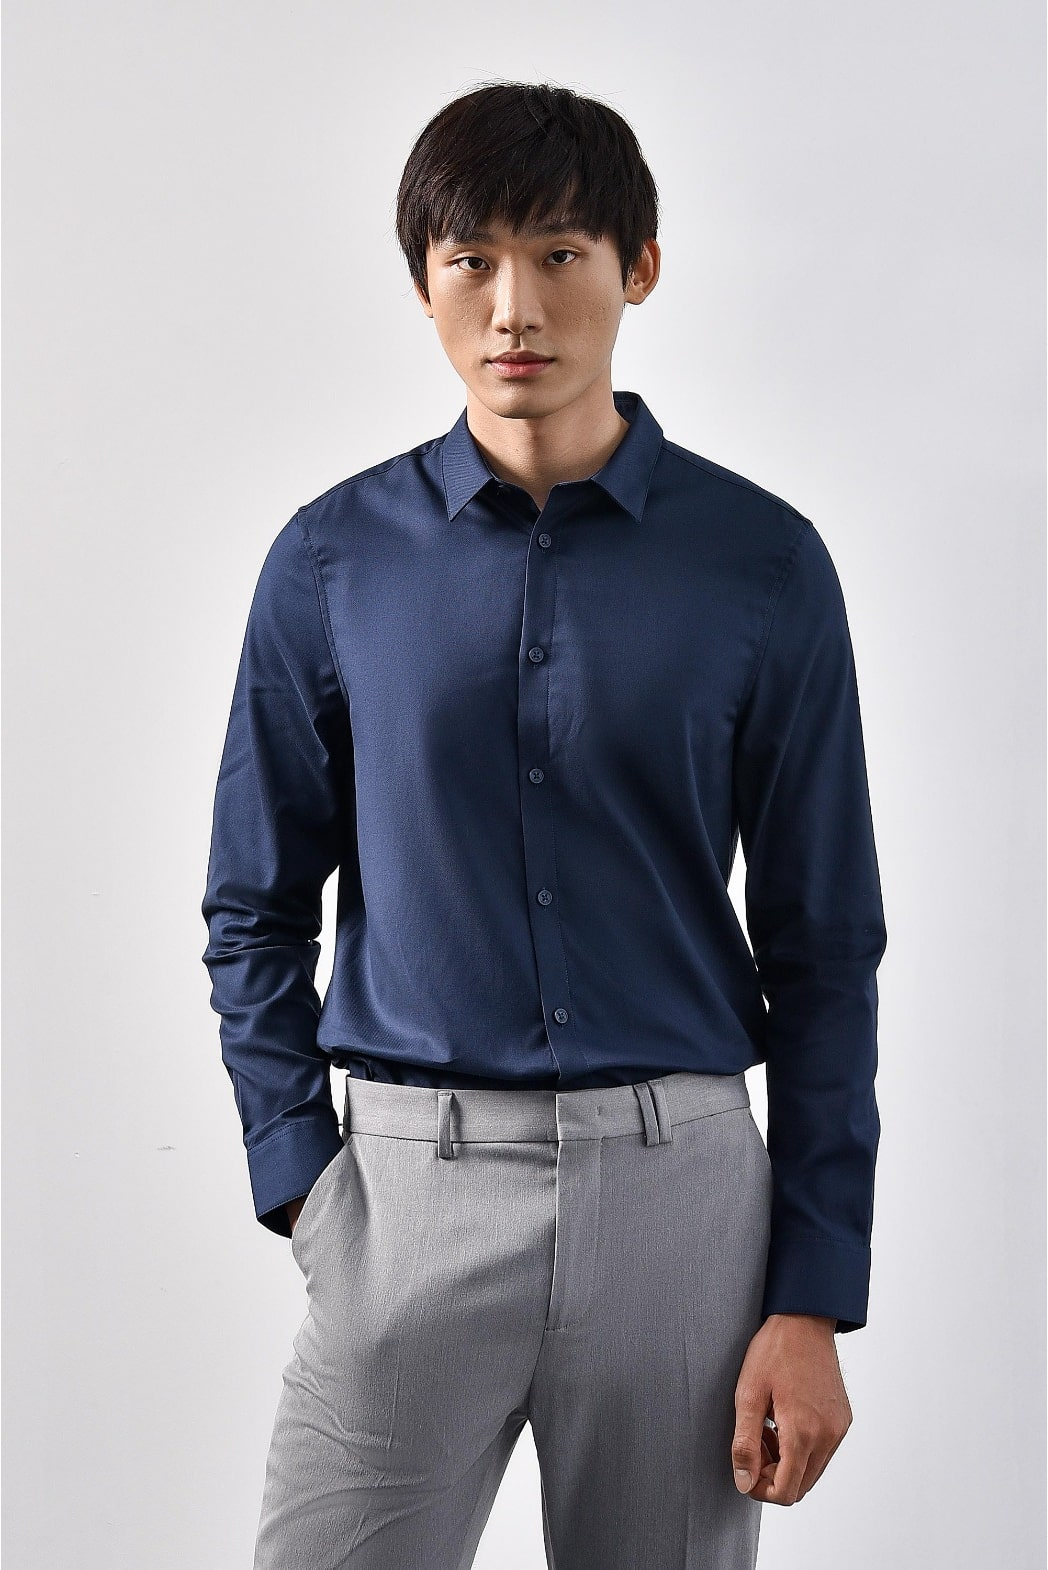 áo sơ mi nam xanh dương